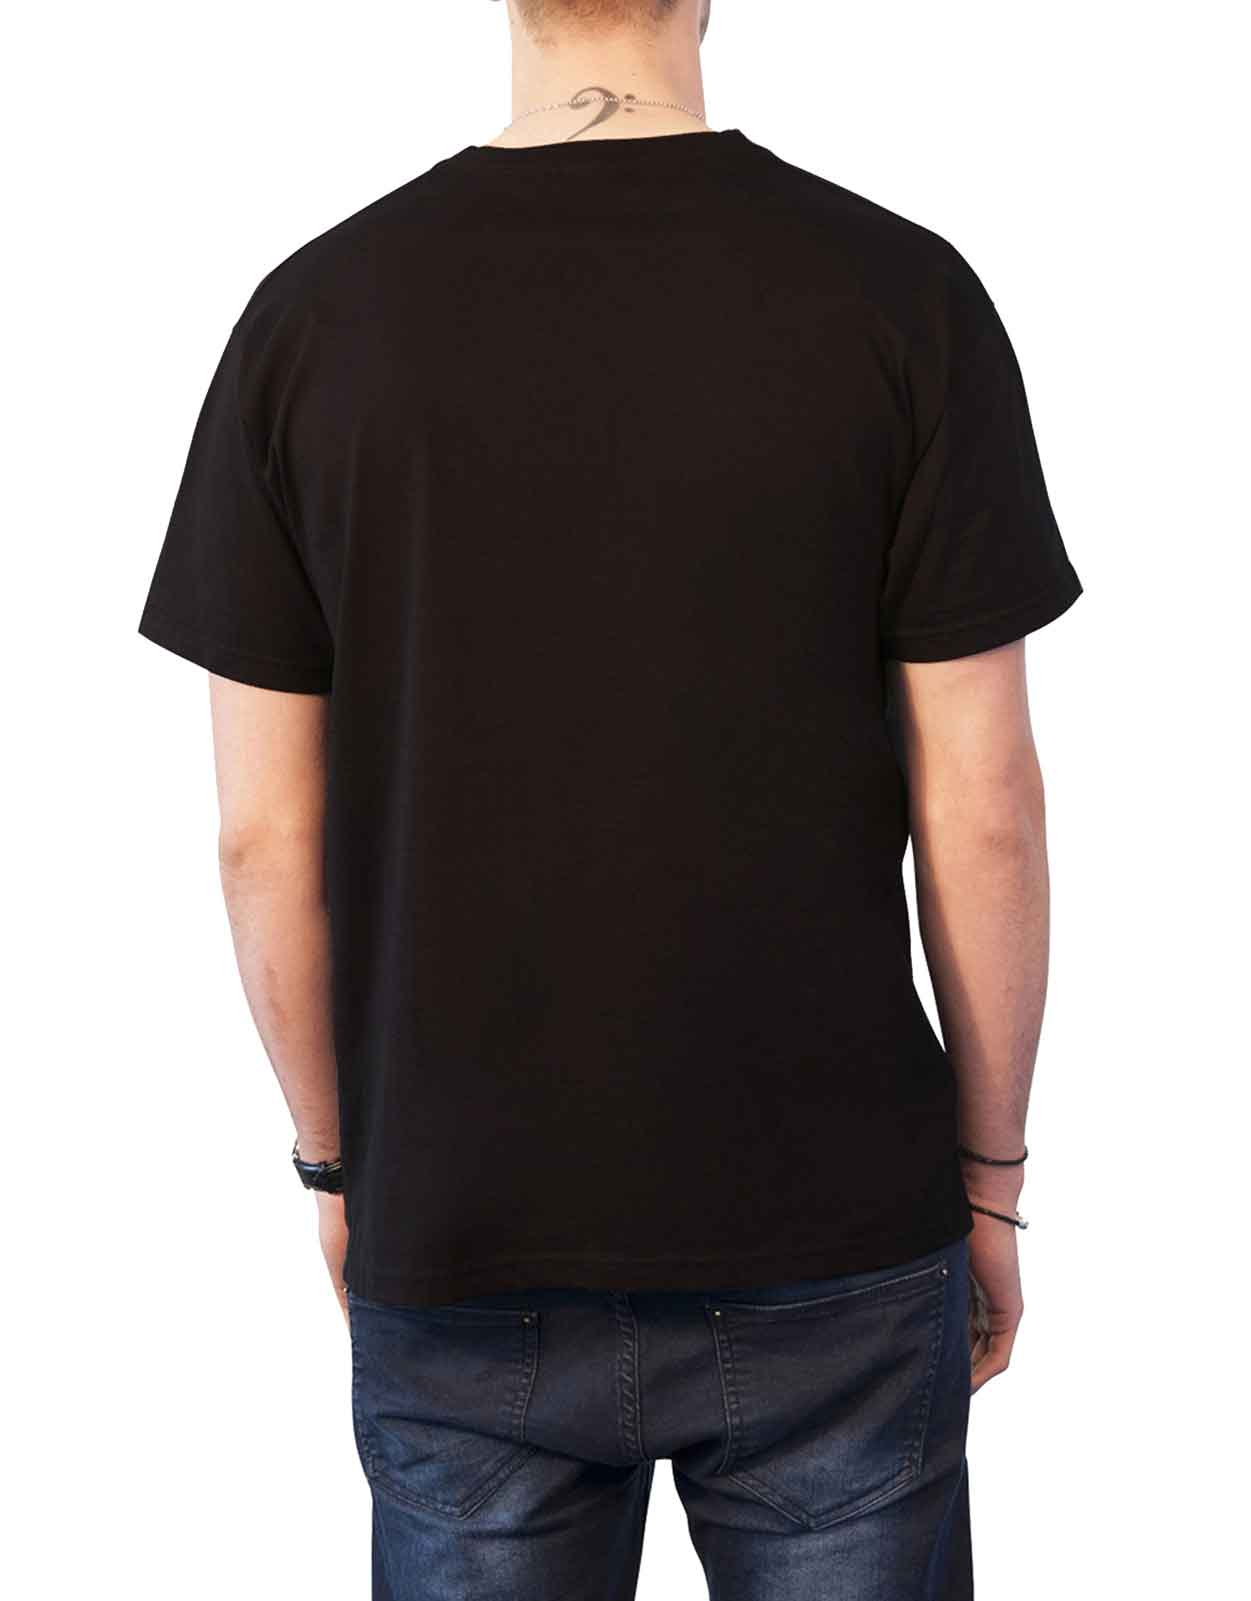 Rick-and-Morty-T-Shirt-Pickle-Rick-Portail-spirale-Wubba-Lubba-nouveau-officiel-Homme miniature 59